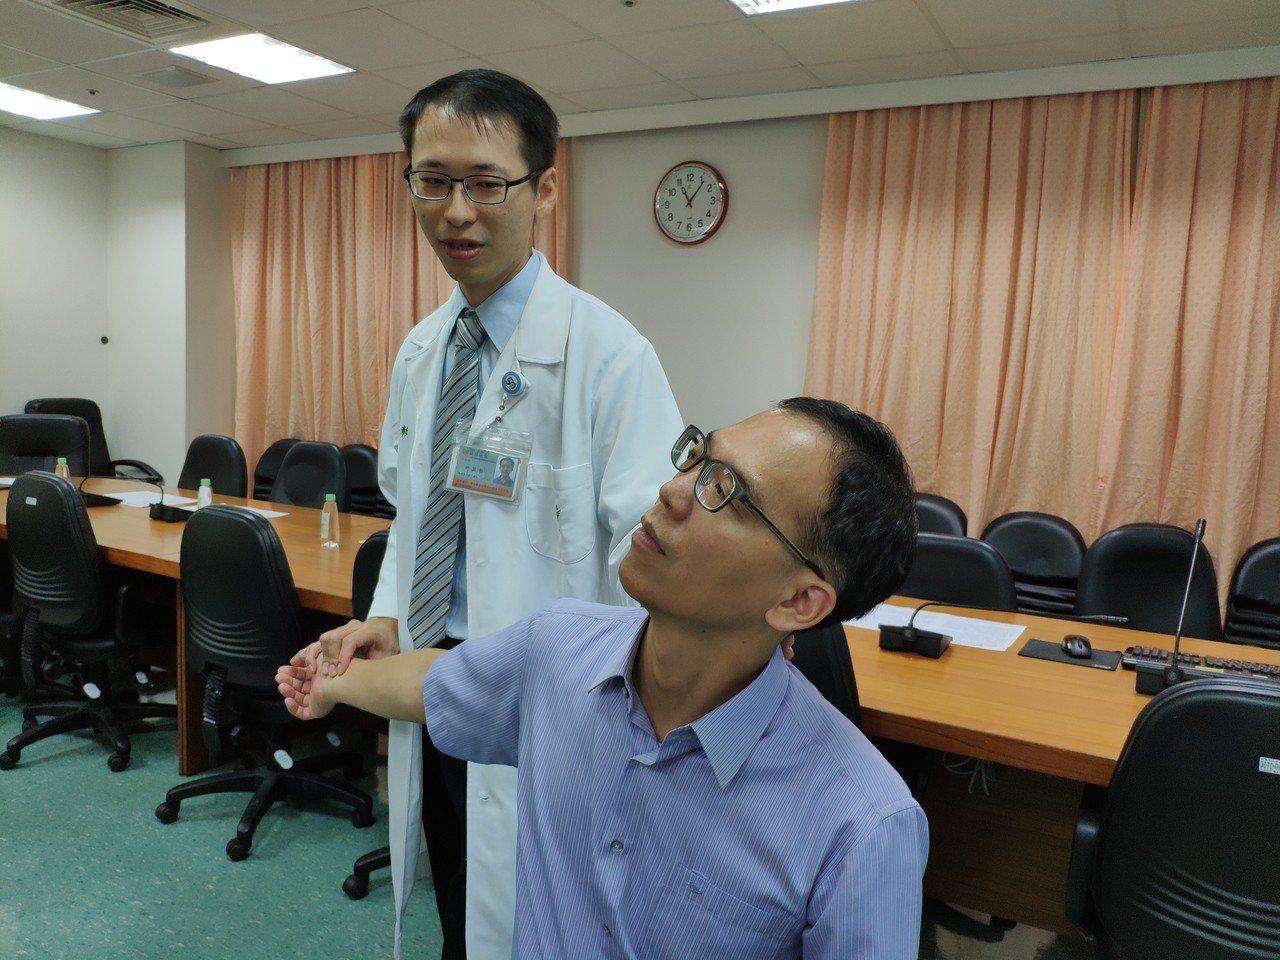 手麻困擾,柳營奇美中醫師許益彰(左)示範講解如何預防復發。記者謝進盛/攝影